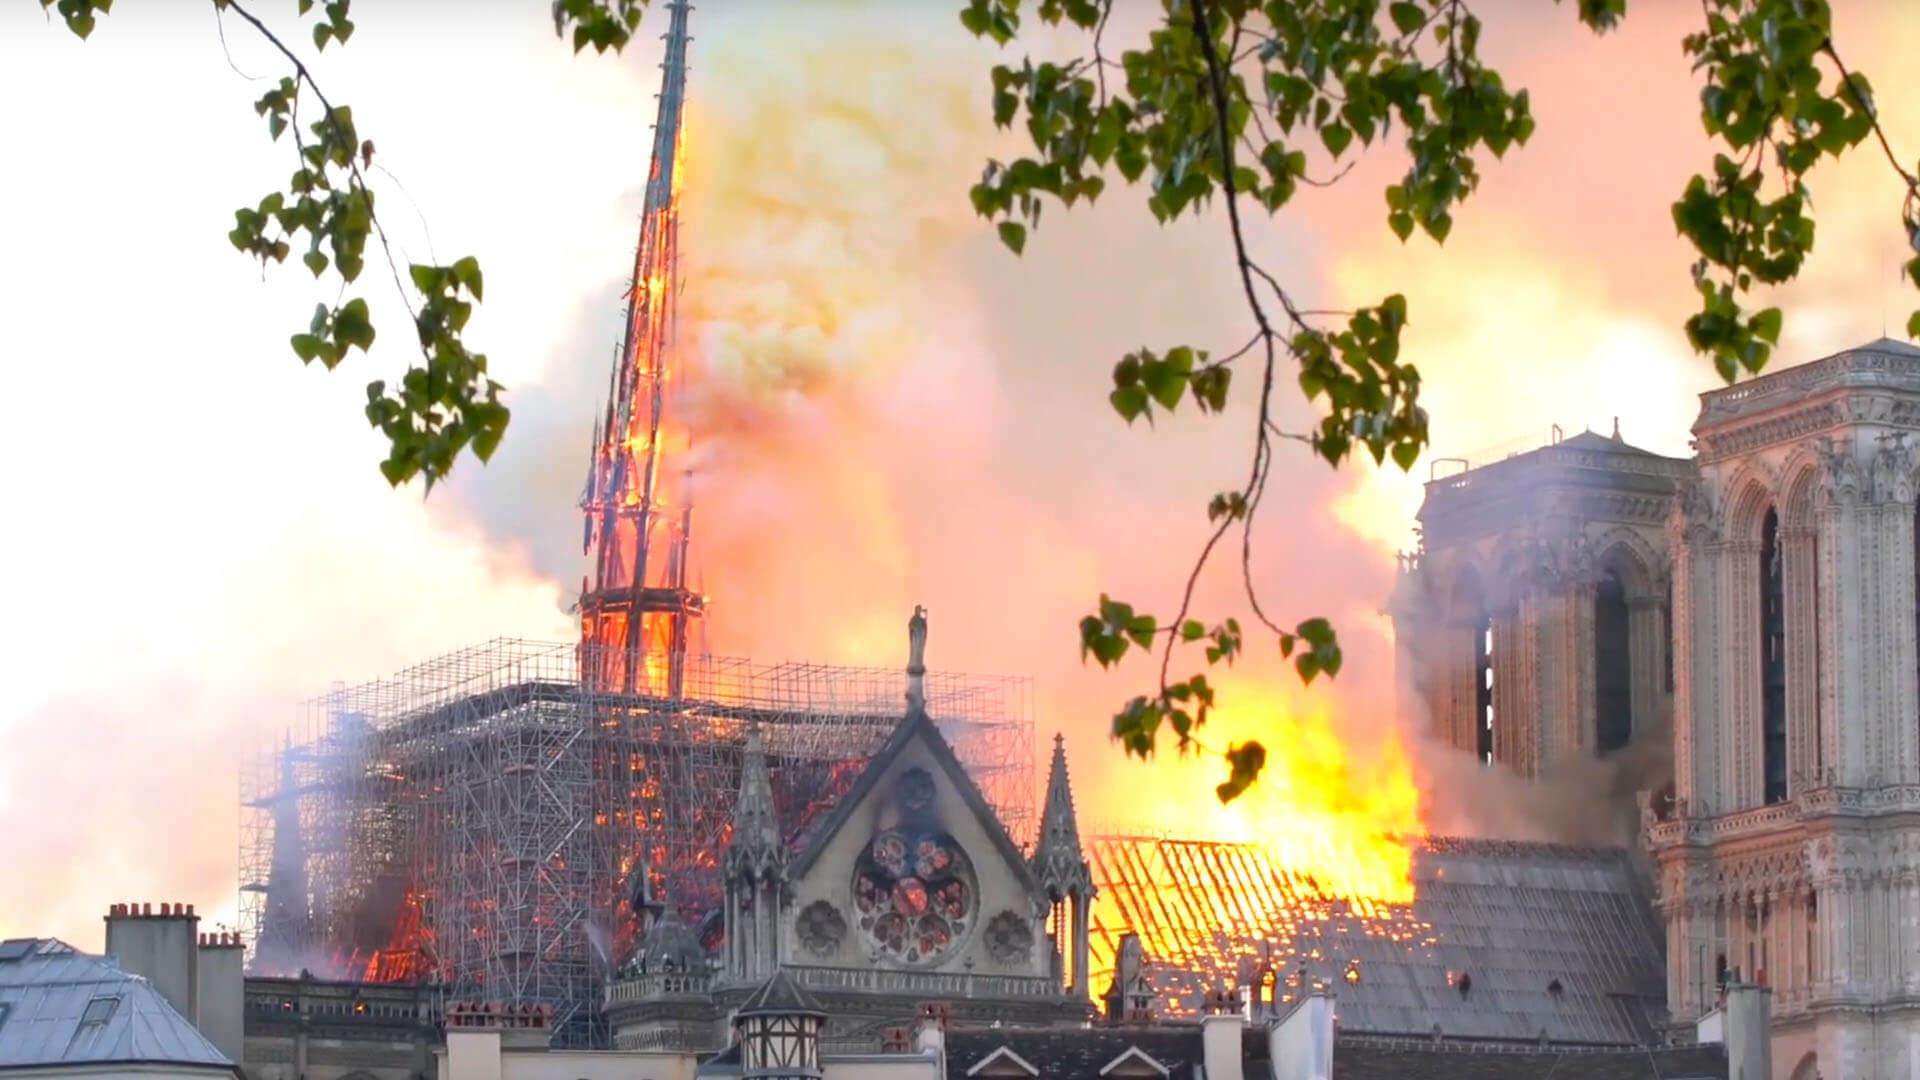 Notre Dame in Paris, April 2019. Ein Kurzschluss hat vermutlich den Brand ausgelöst. Der hölzerne Dachstuhl drohte einzubrechen. Ein lebensbedrohlicher Moment für die Feuerwehrleute. Für solche Situationen entwickeln Wissenschaftler fernsteuerbare Roboter.